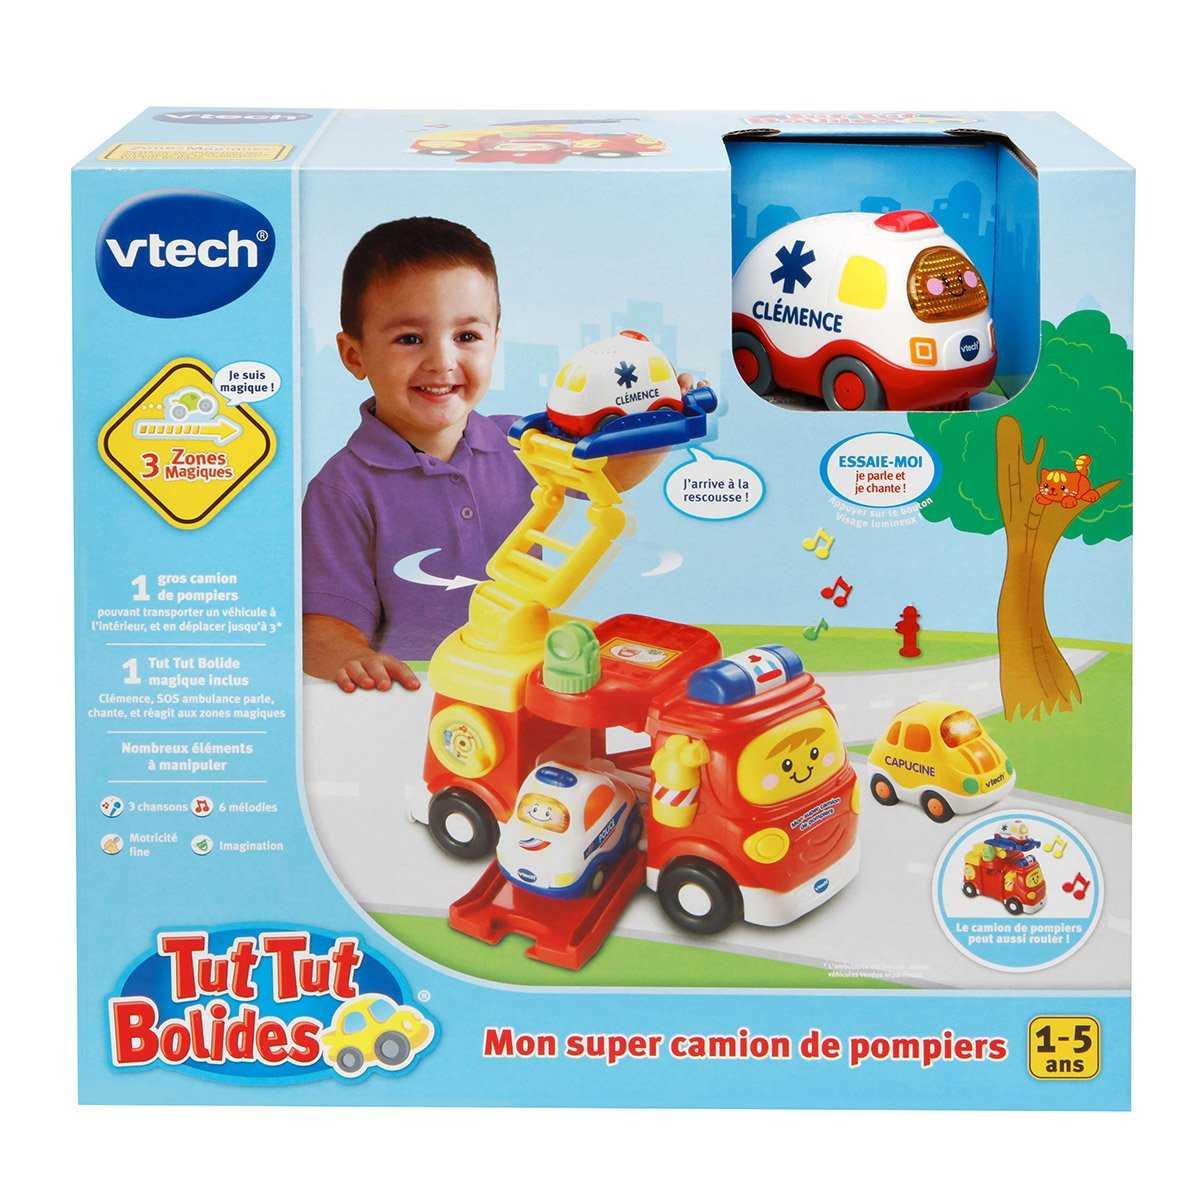 Mon super camion de pompiers VTECH